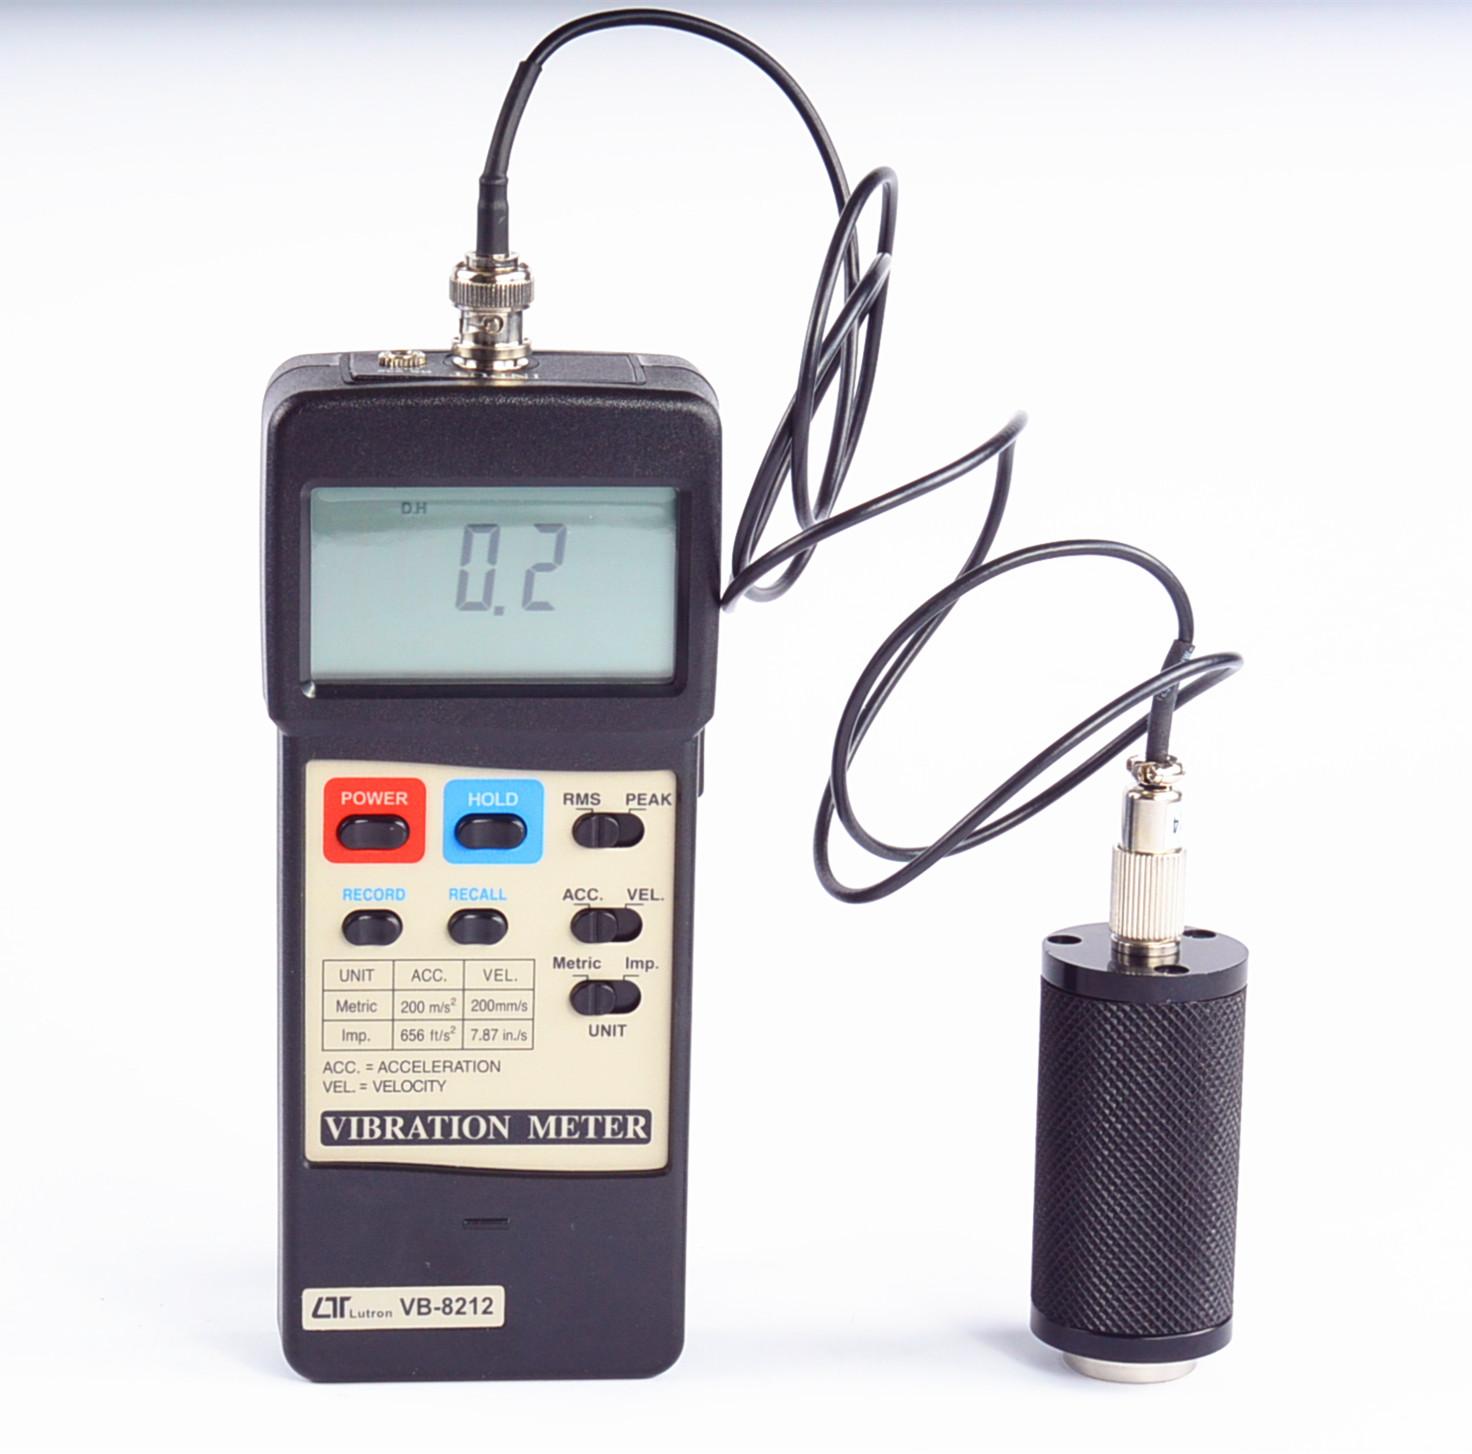 VB-8212 速度加速度振动计(可选配WiFI无线传输模块)